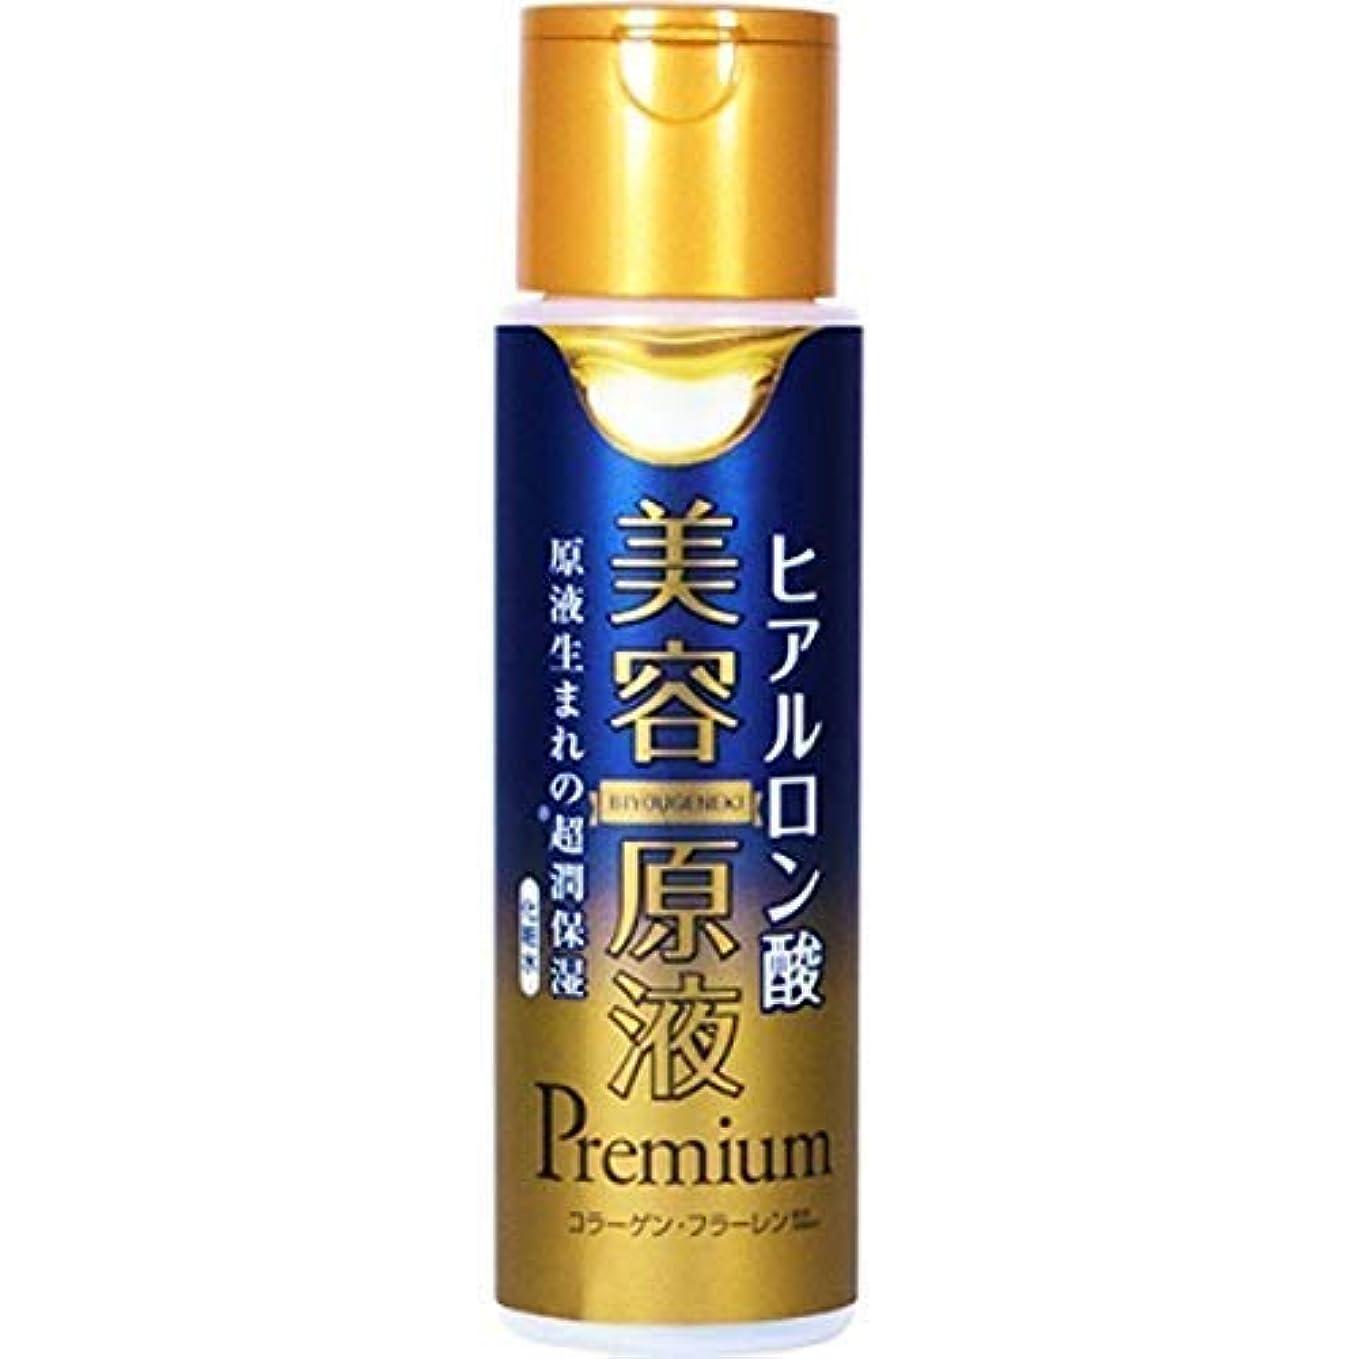 面積盗難効能ある美容原液 超潤化粧水 コラーゲン&ヒアルロン酸 185mL (化粧水 ローション 高保湿)